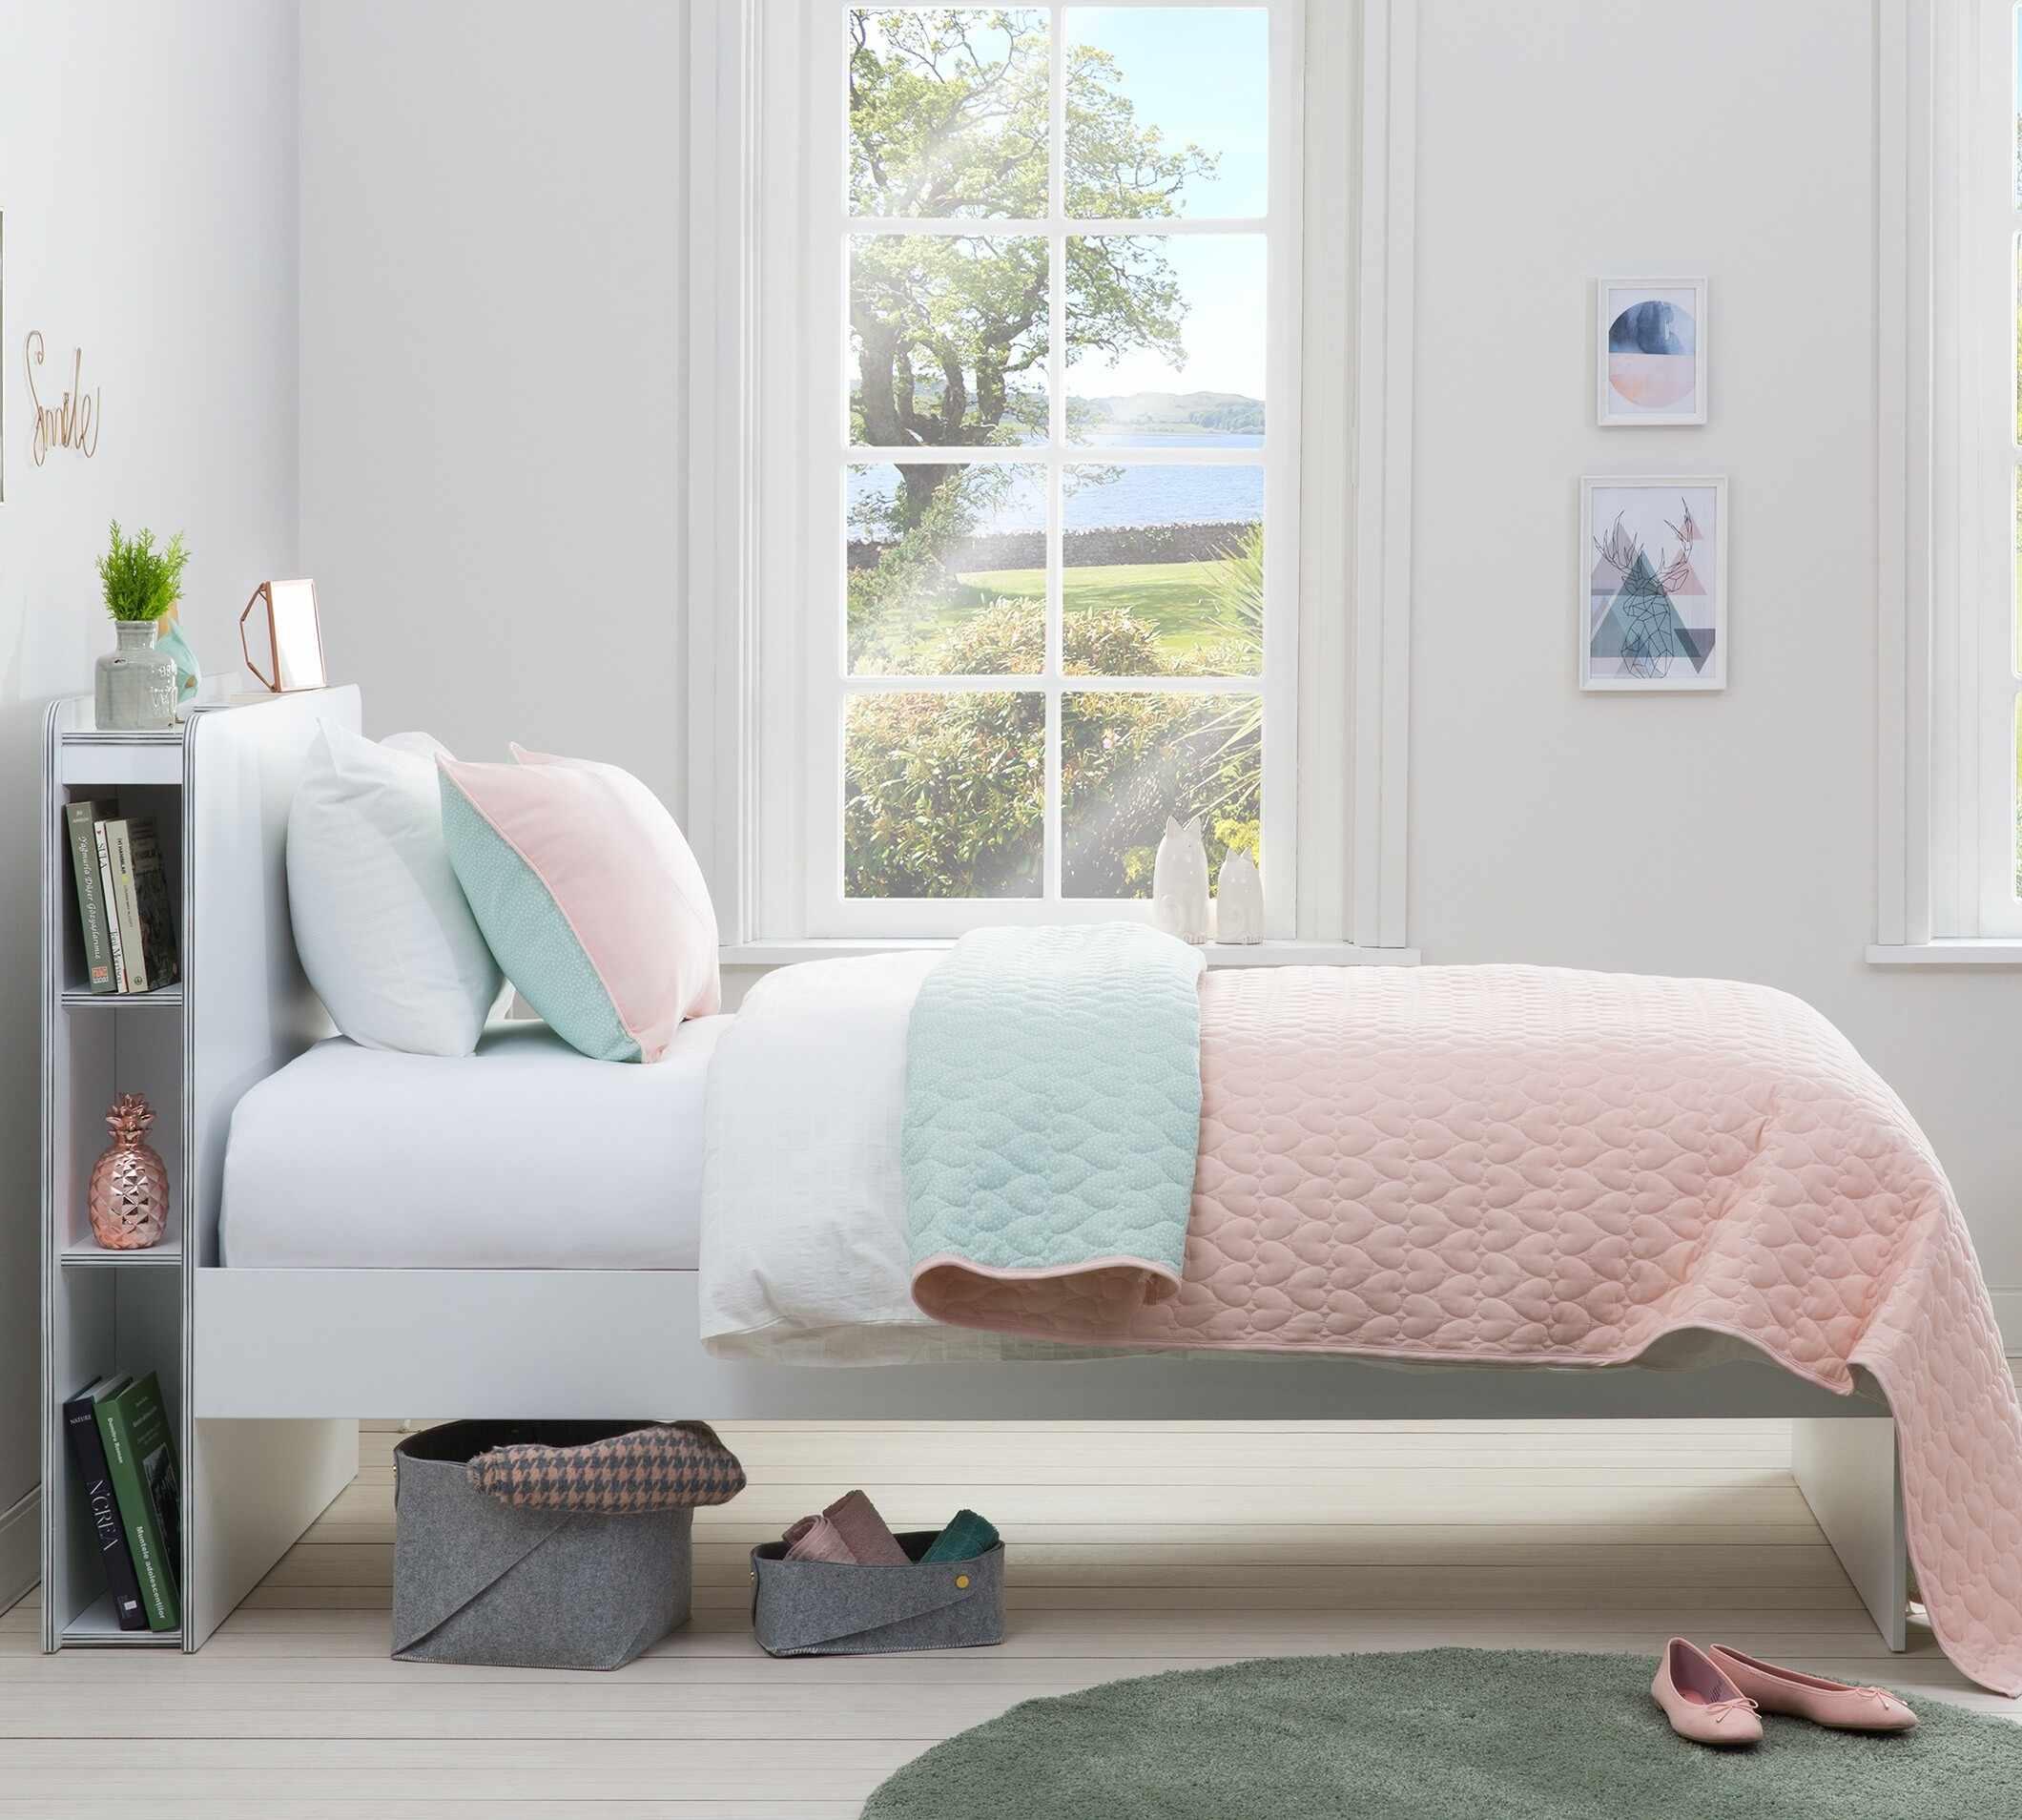 Set cuvertura reversibila pat copii si fata de perna Ducky Pink / Mint, 145 x 230 cm la pret 321 lei